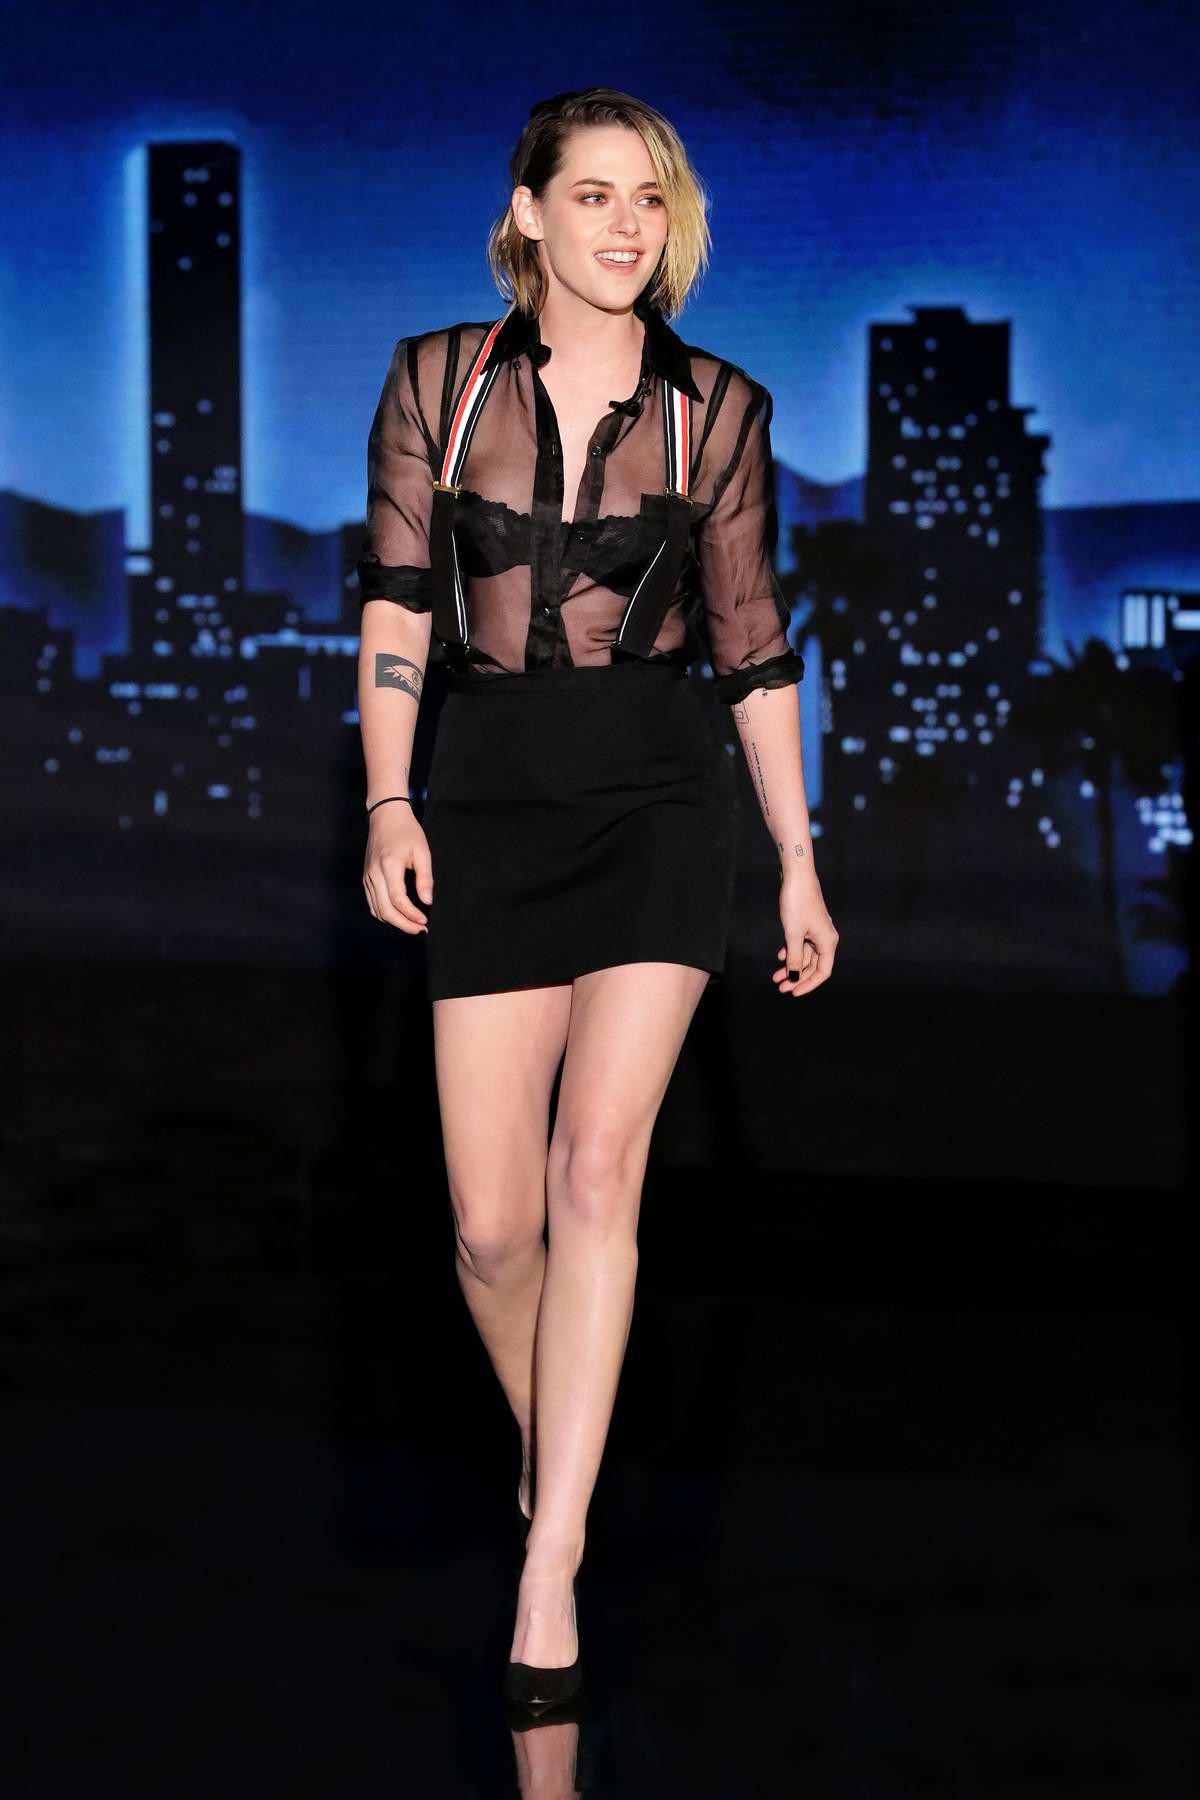 Kristen Stewart makes an appearance on 'Jimmy Kimmel live!' in Los Angeles